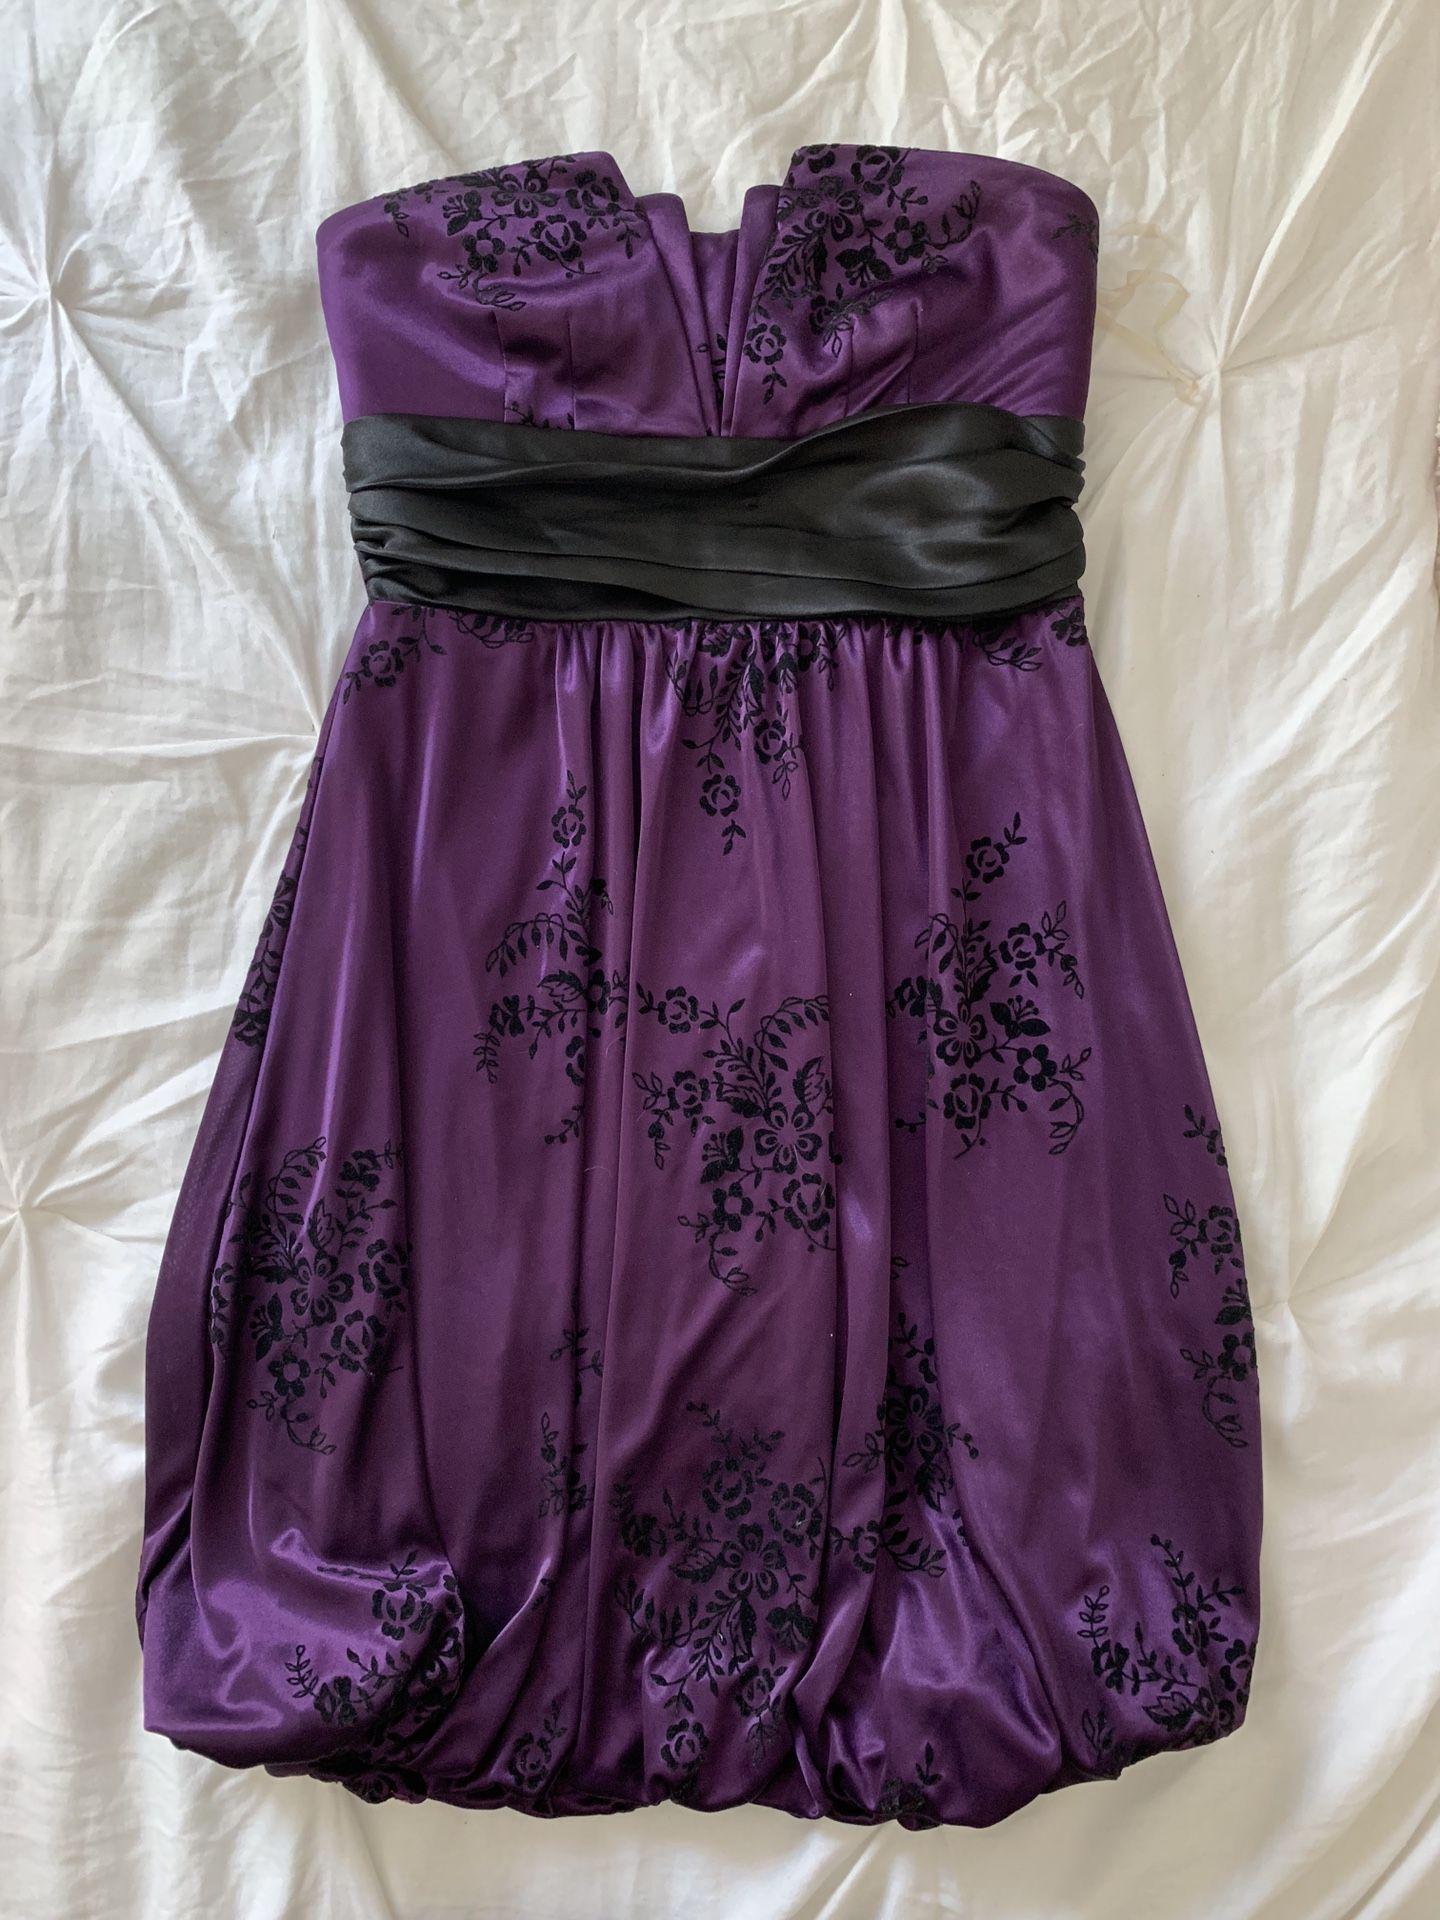 Woman's dresses - Size M